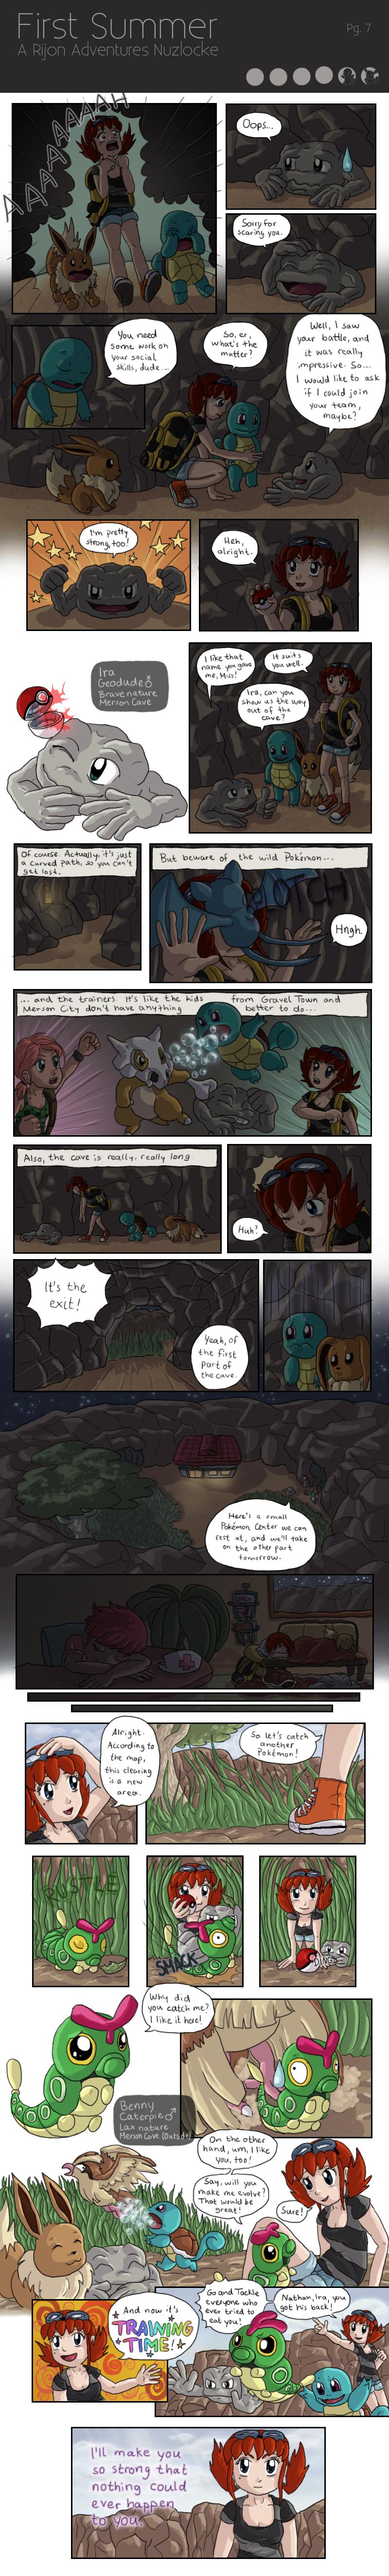 First Summer - A Rijon Adventures Nuzlocke [Pg. 7]